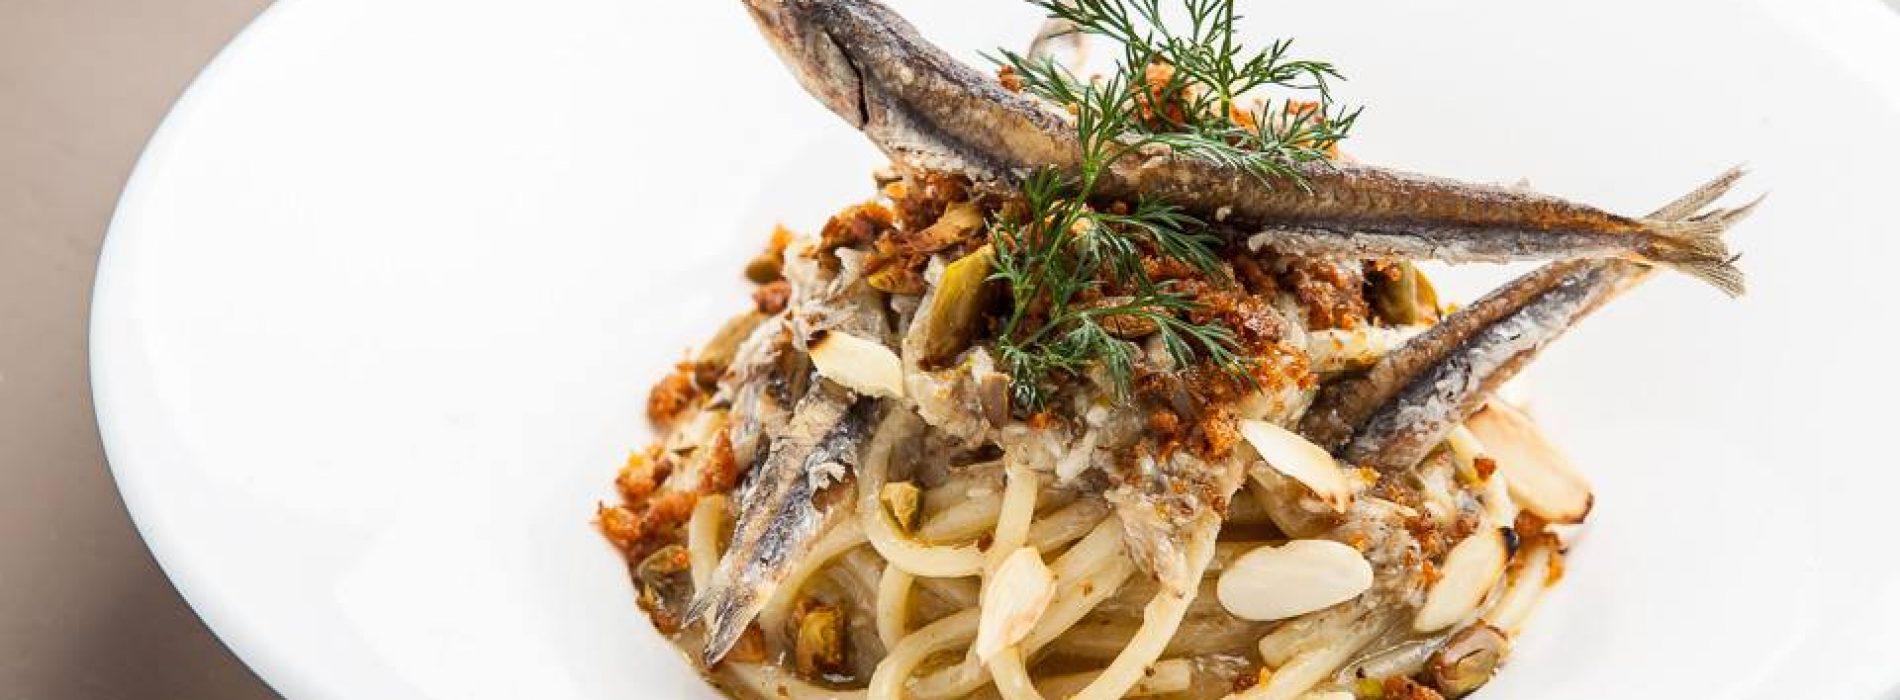 Palatino bistrot Roma, il ristorante italo-francese con crêpes galettes, foie gras e formaggi